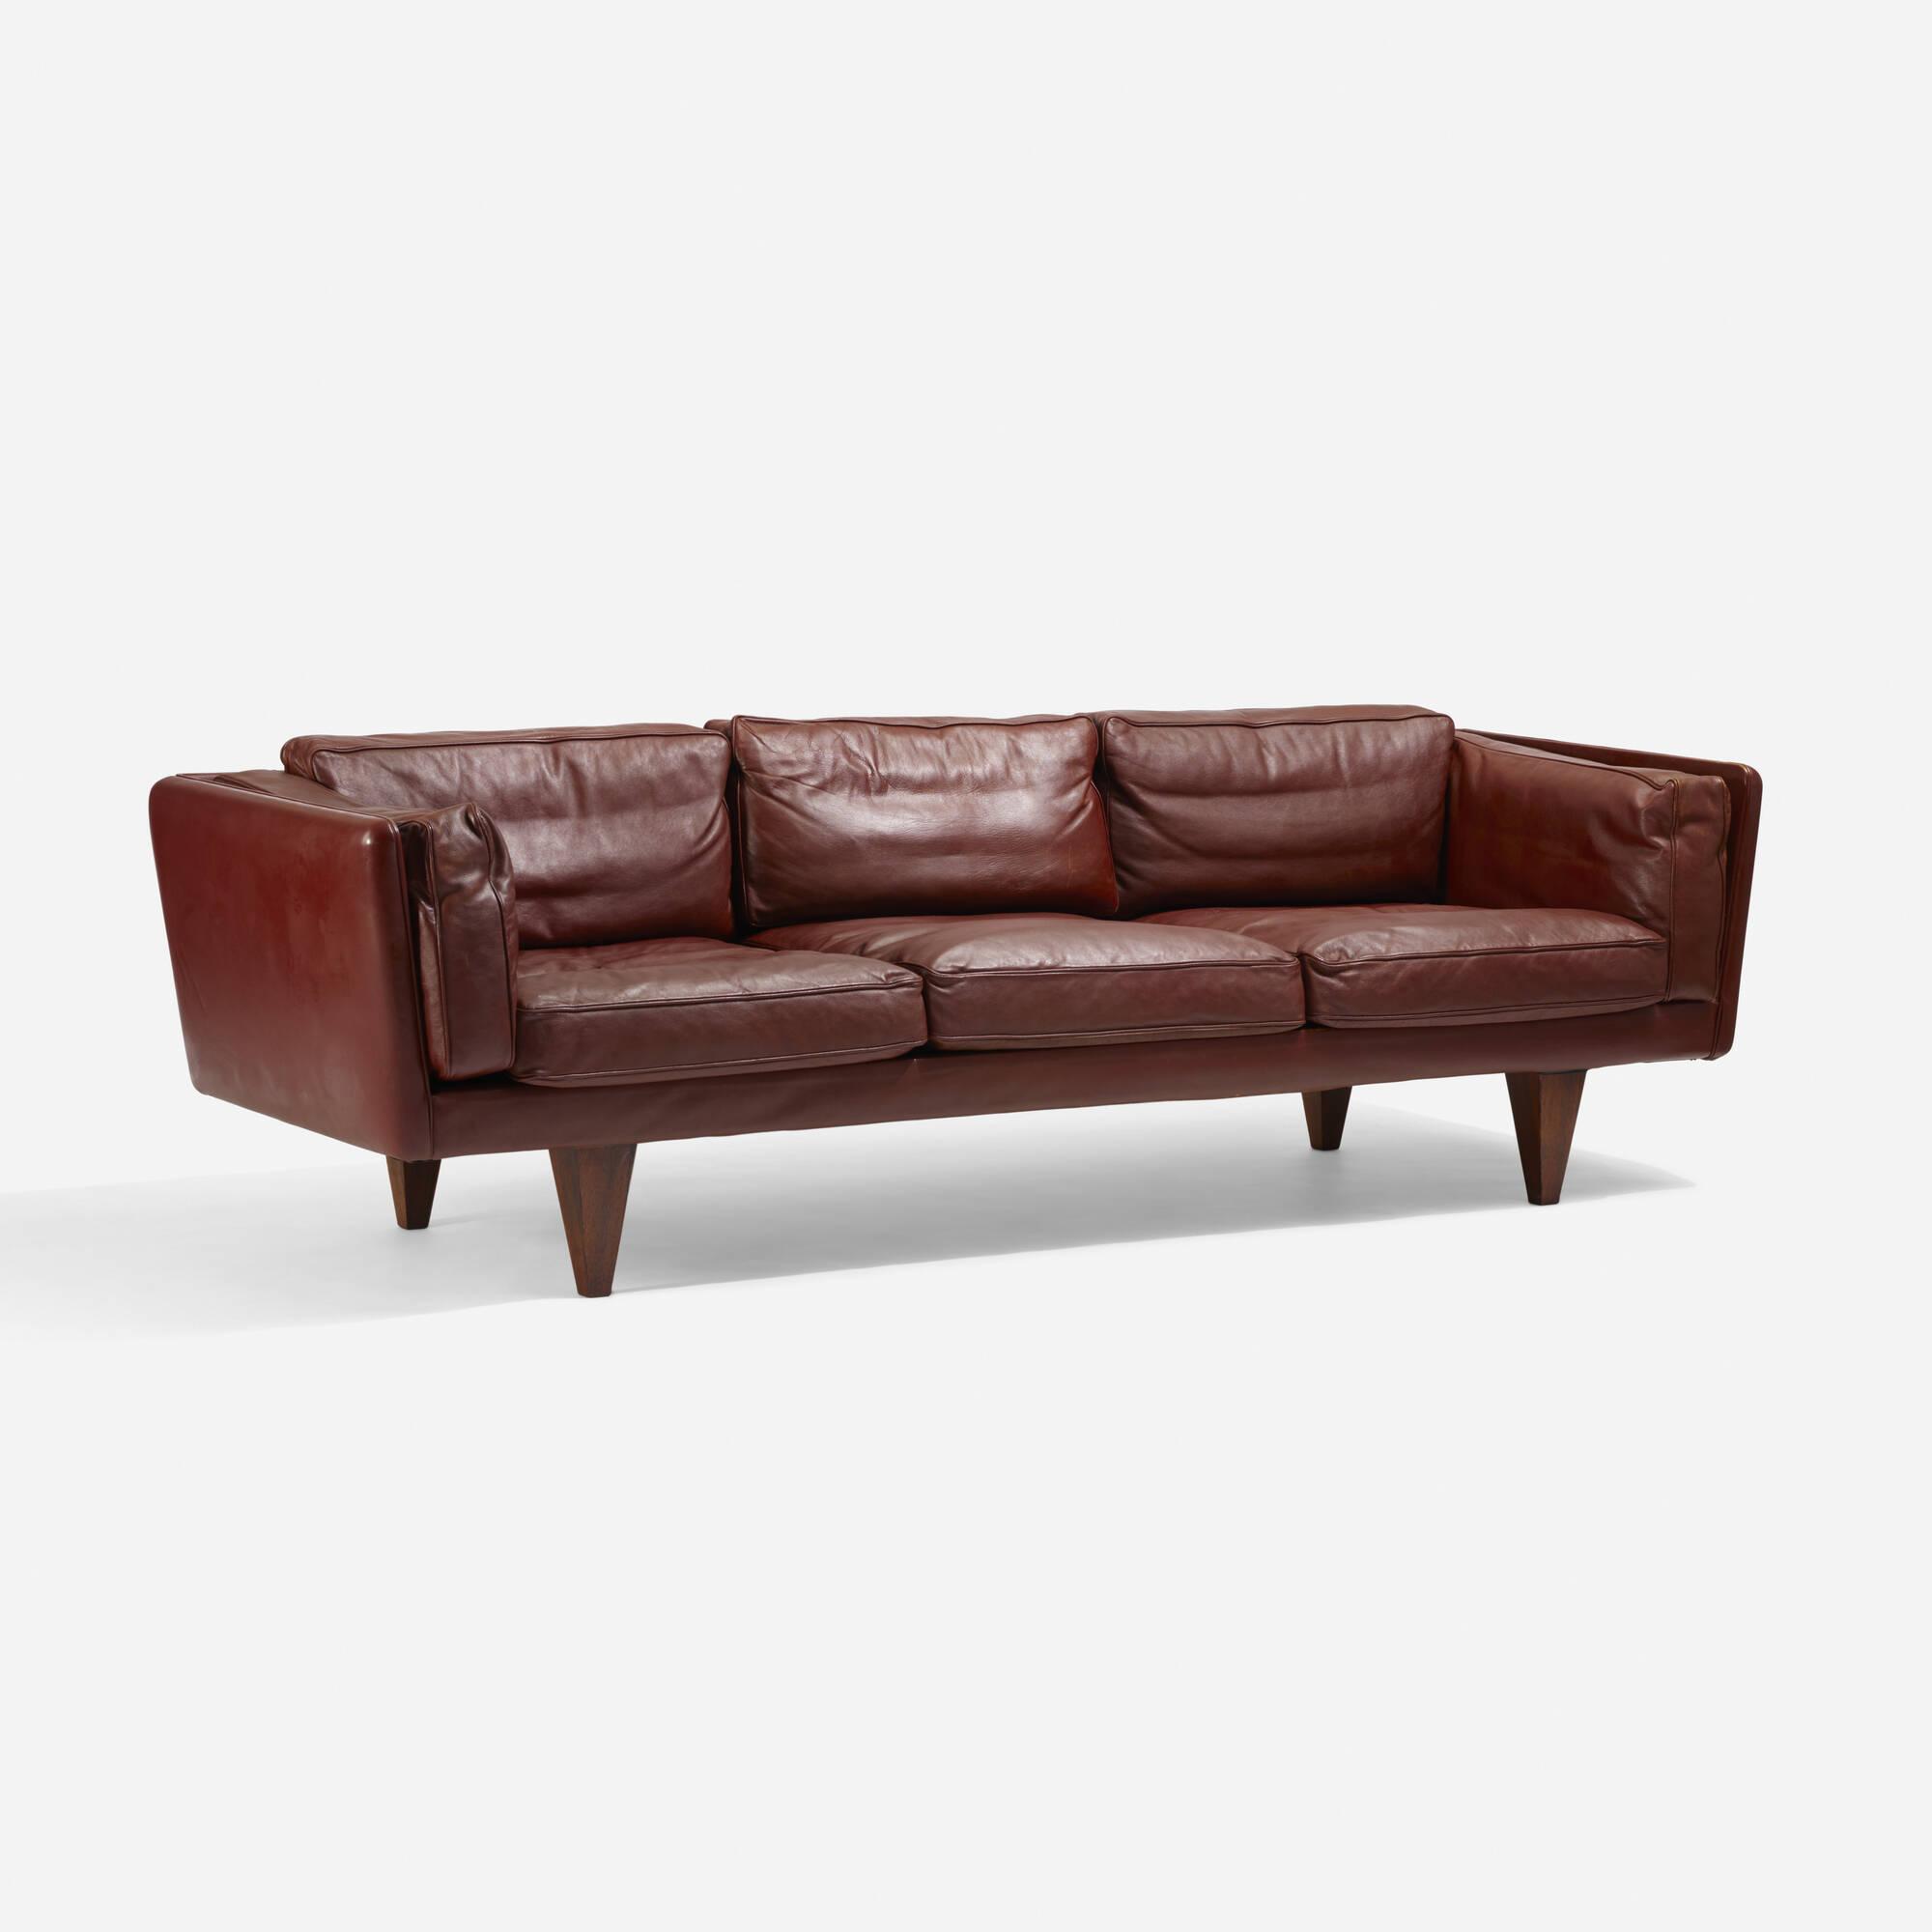 195: Illum Wikkelsø / sofa, model V11 (1 of 3)